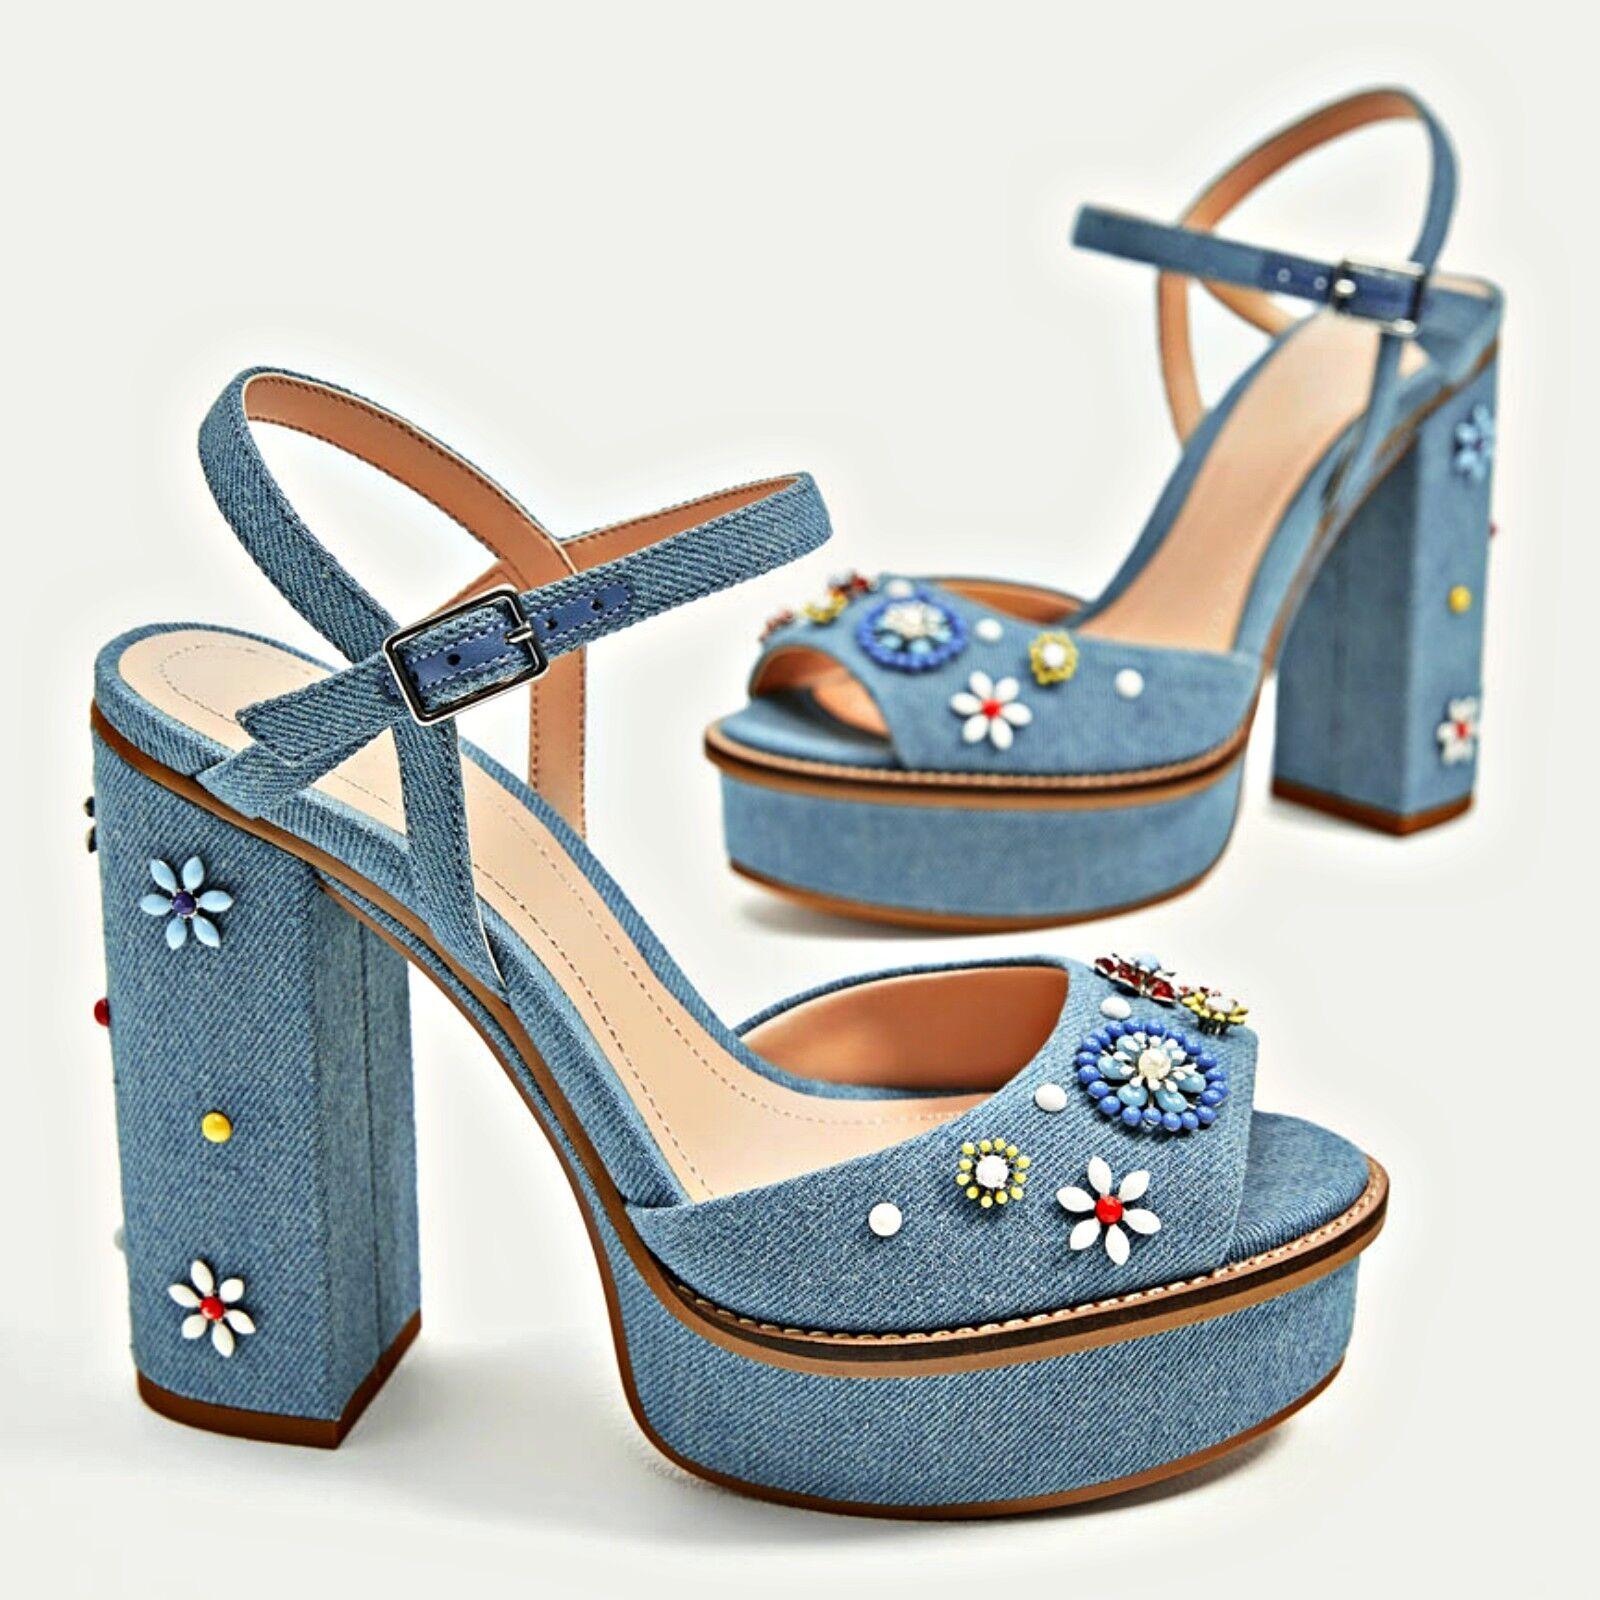 ZARA bluee Jeans Denim Floral Platform Sandals shoes Woman Authentic Authentic Authentic 1538 201 c45d70